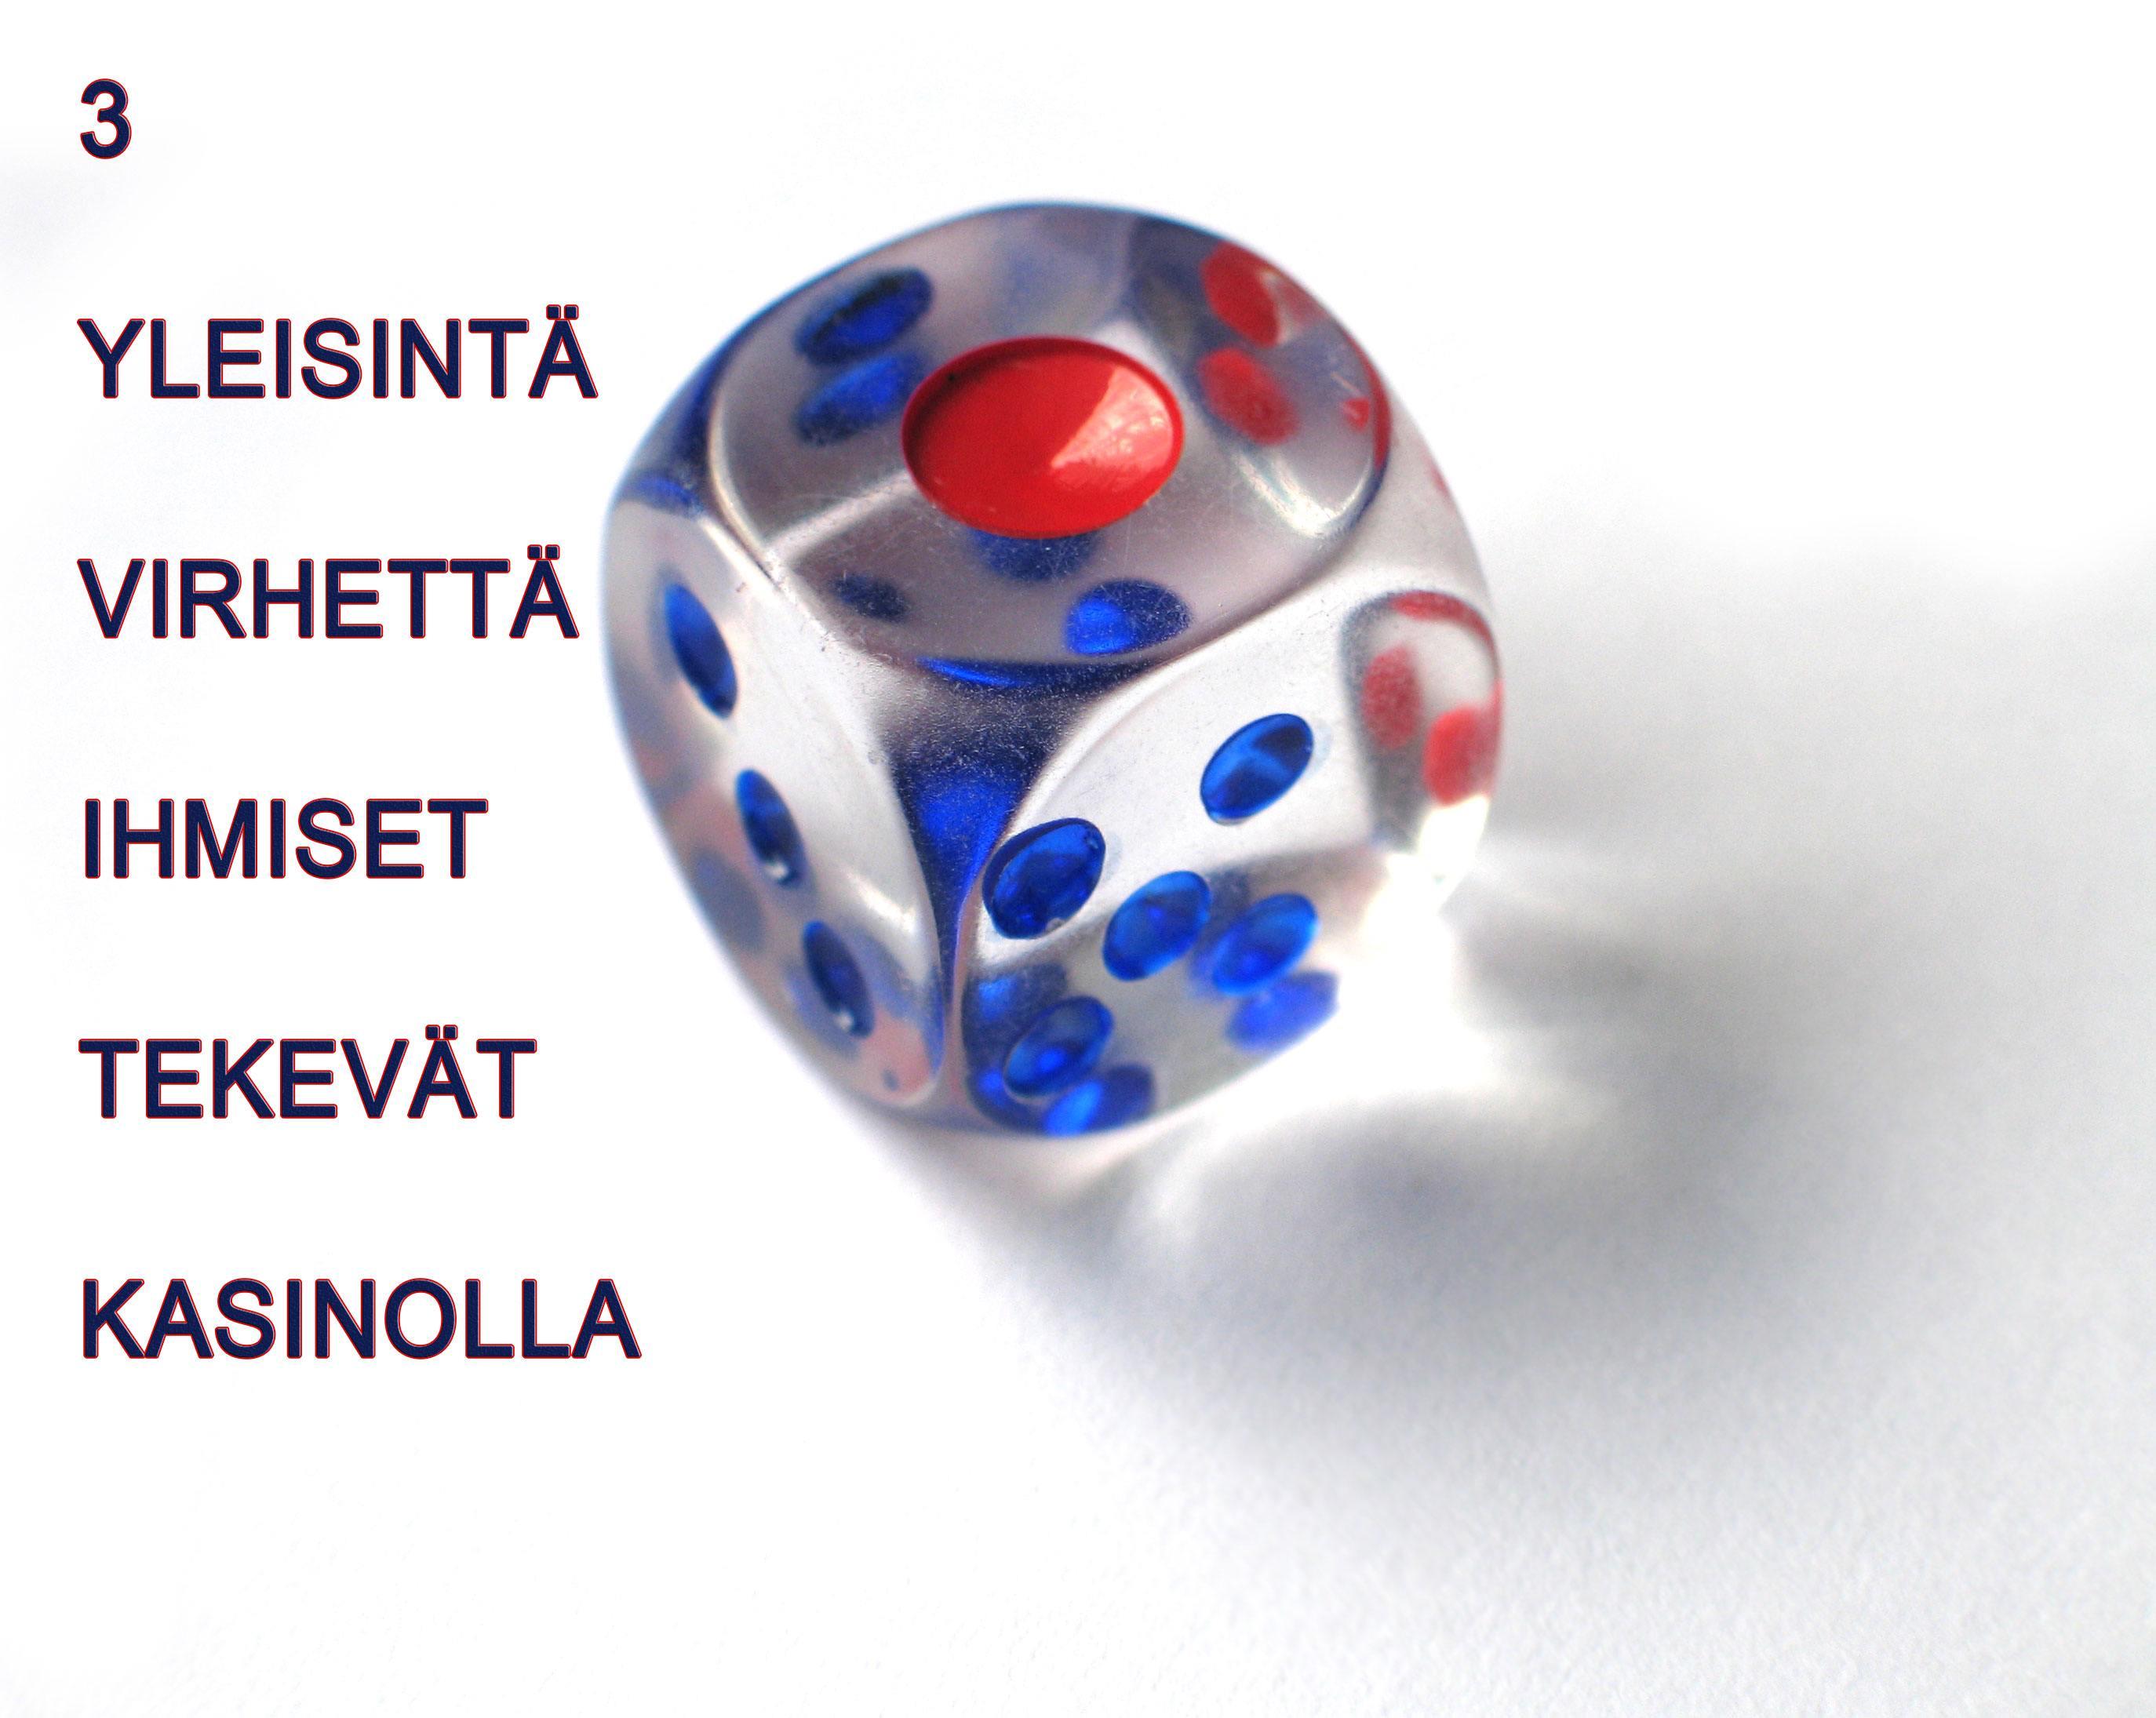 Voitolla.com